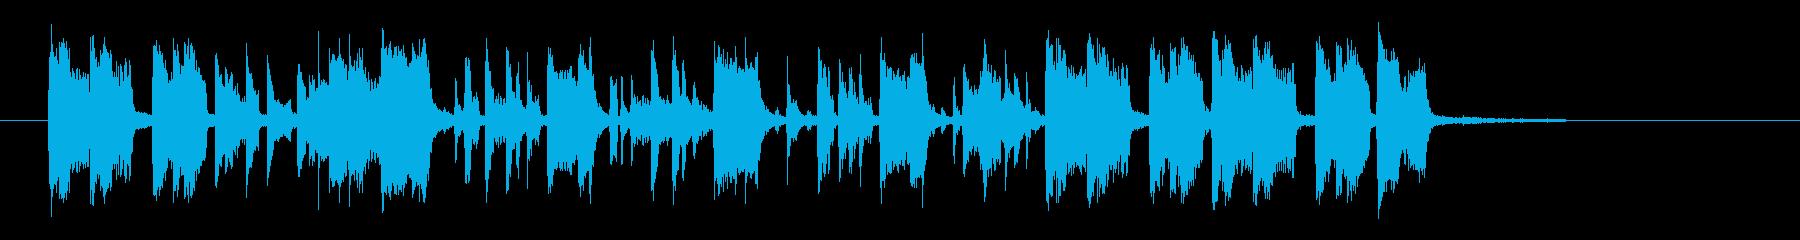 スピードと躍動感あるトランペットジングルの再生済みの波形